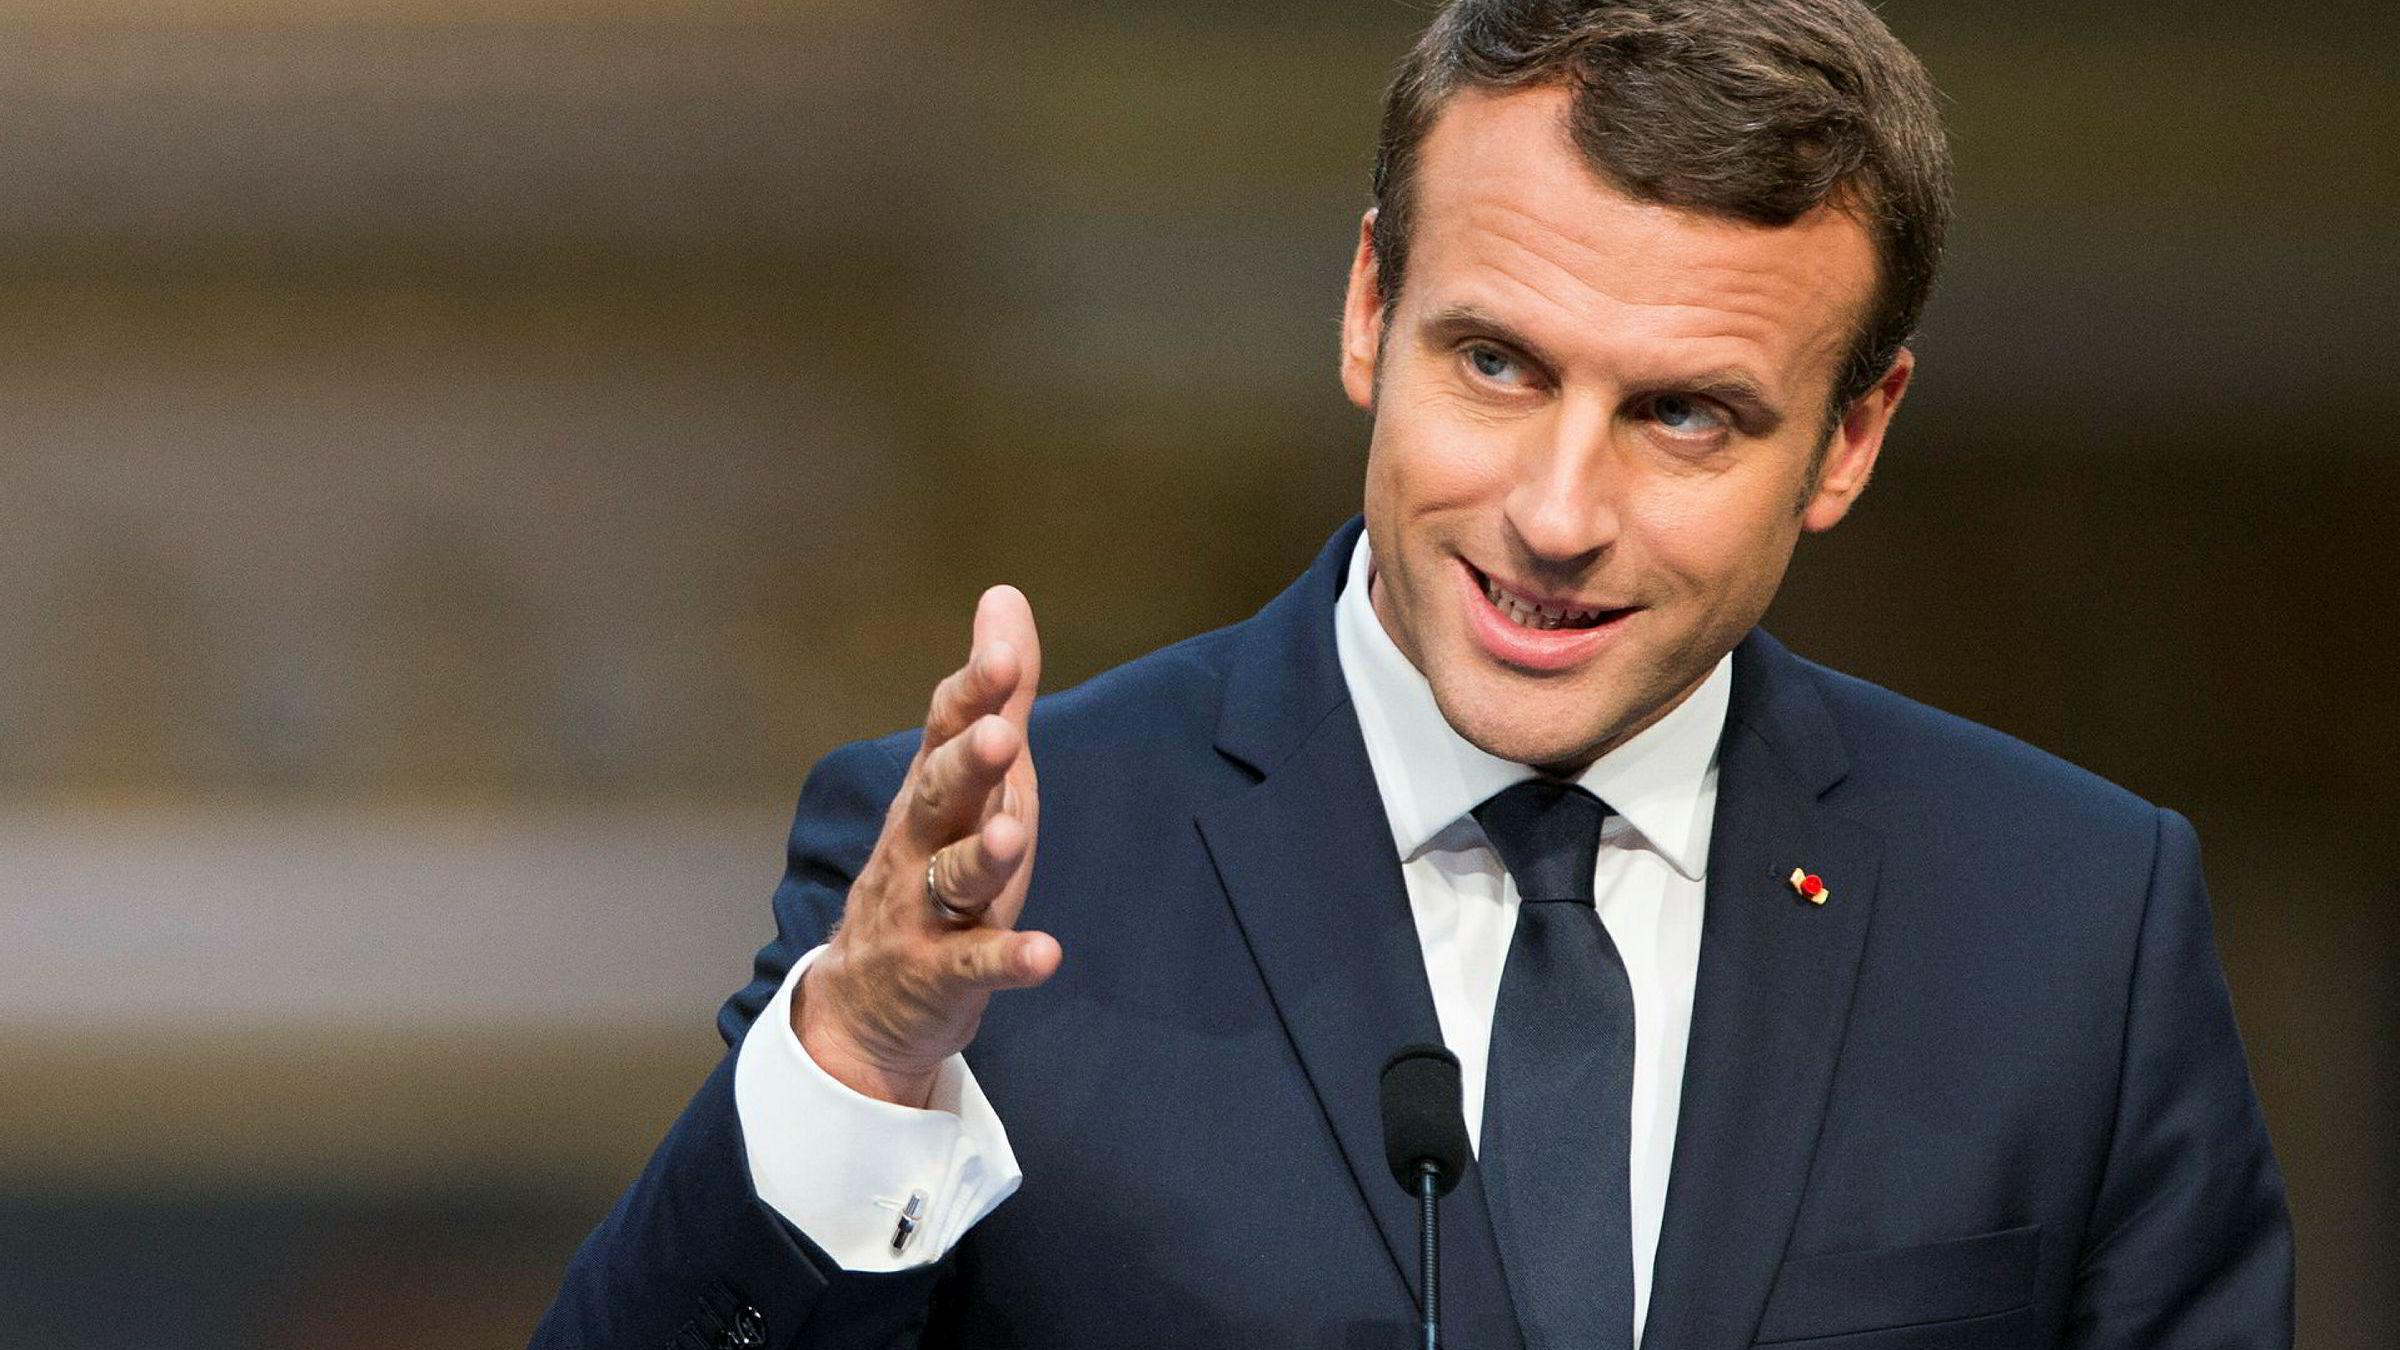 President Emmanuel Macrons parti Republikken på vei ligger an til solid flertall, men frammøtet er ventet å bli lavt.